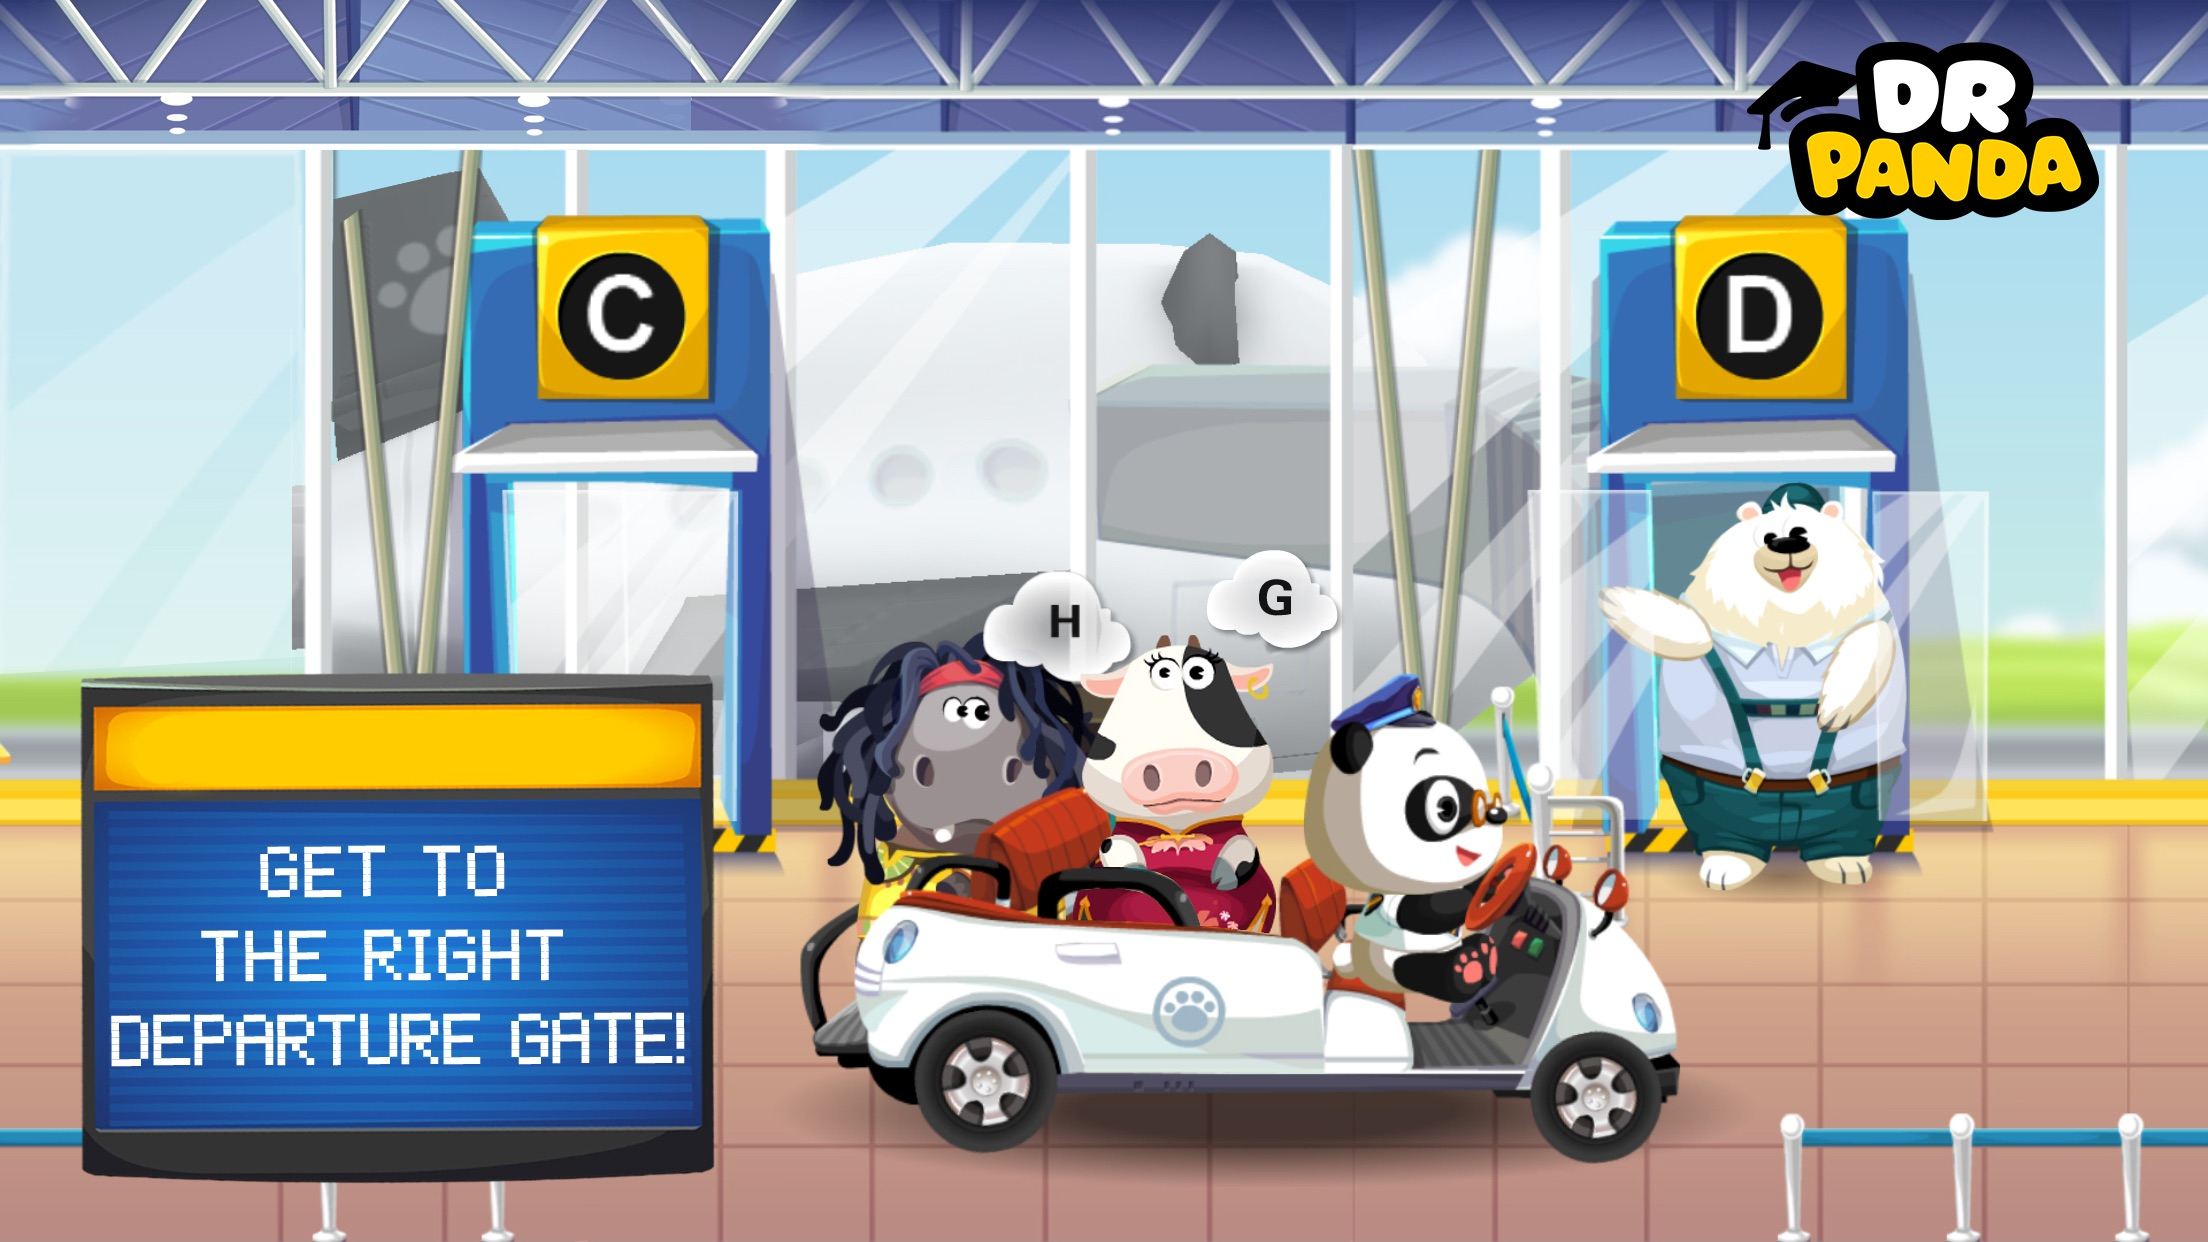 Dr. Panda Airport Screenshot